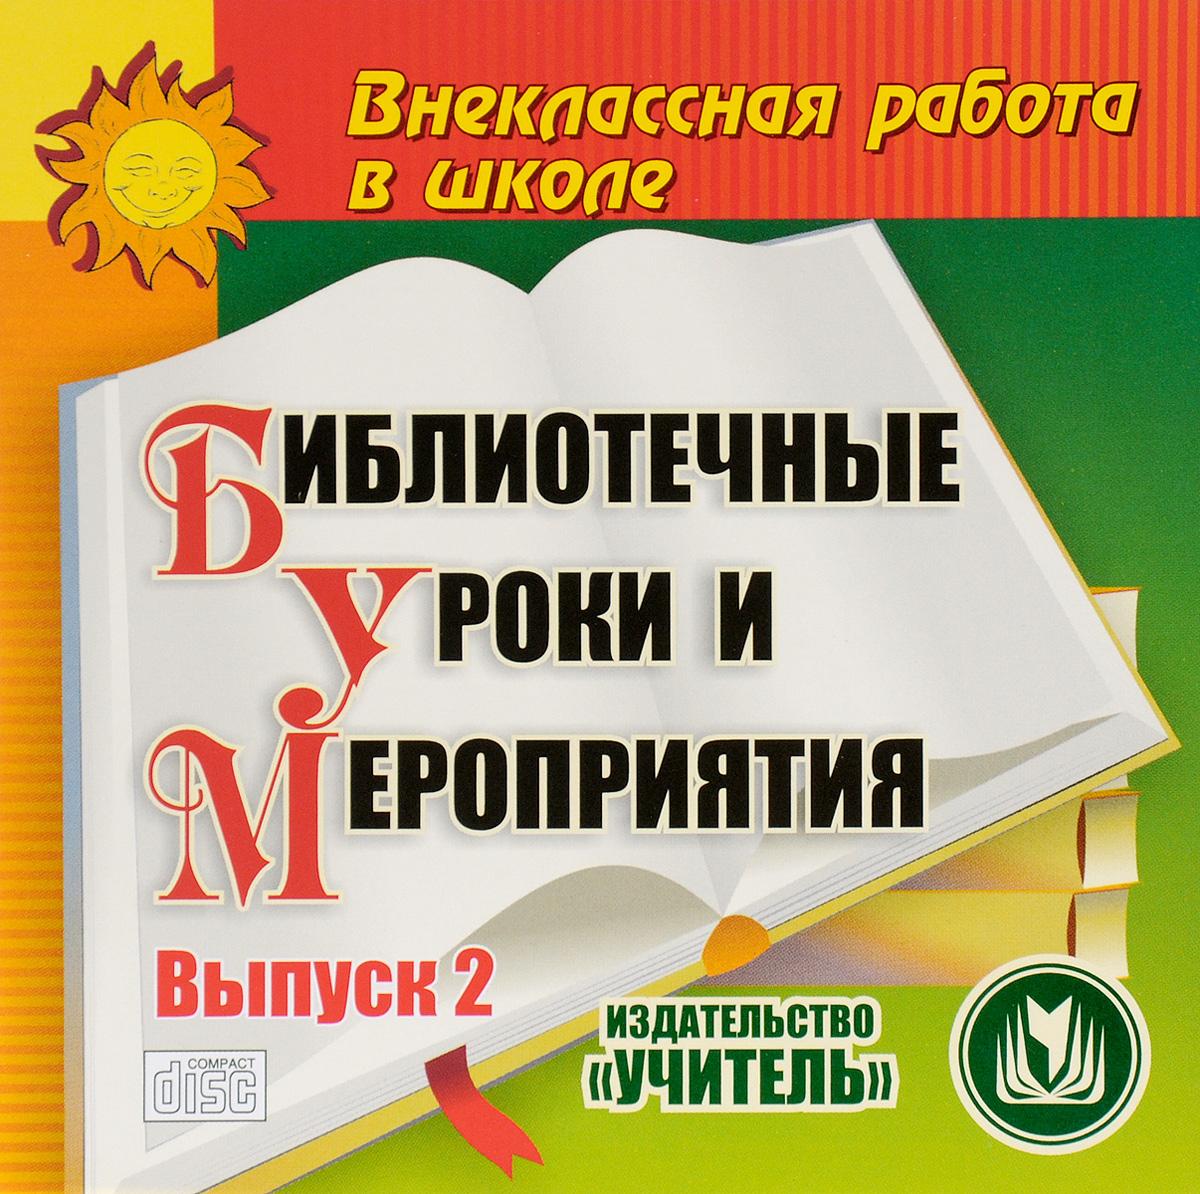 Библиотечные уроки и мероприятия. Выпуск 2